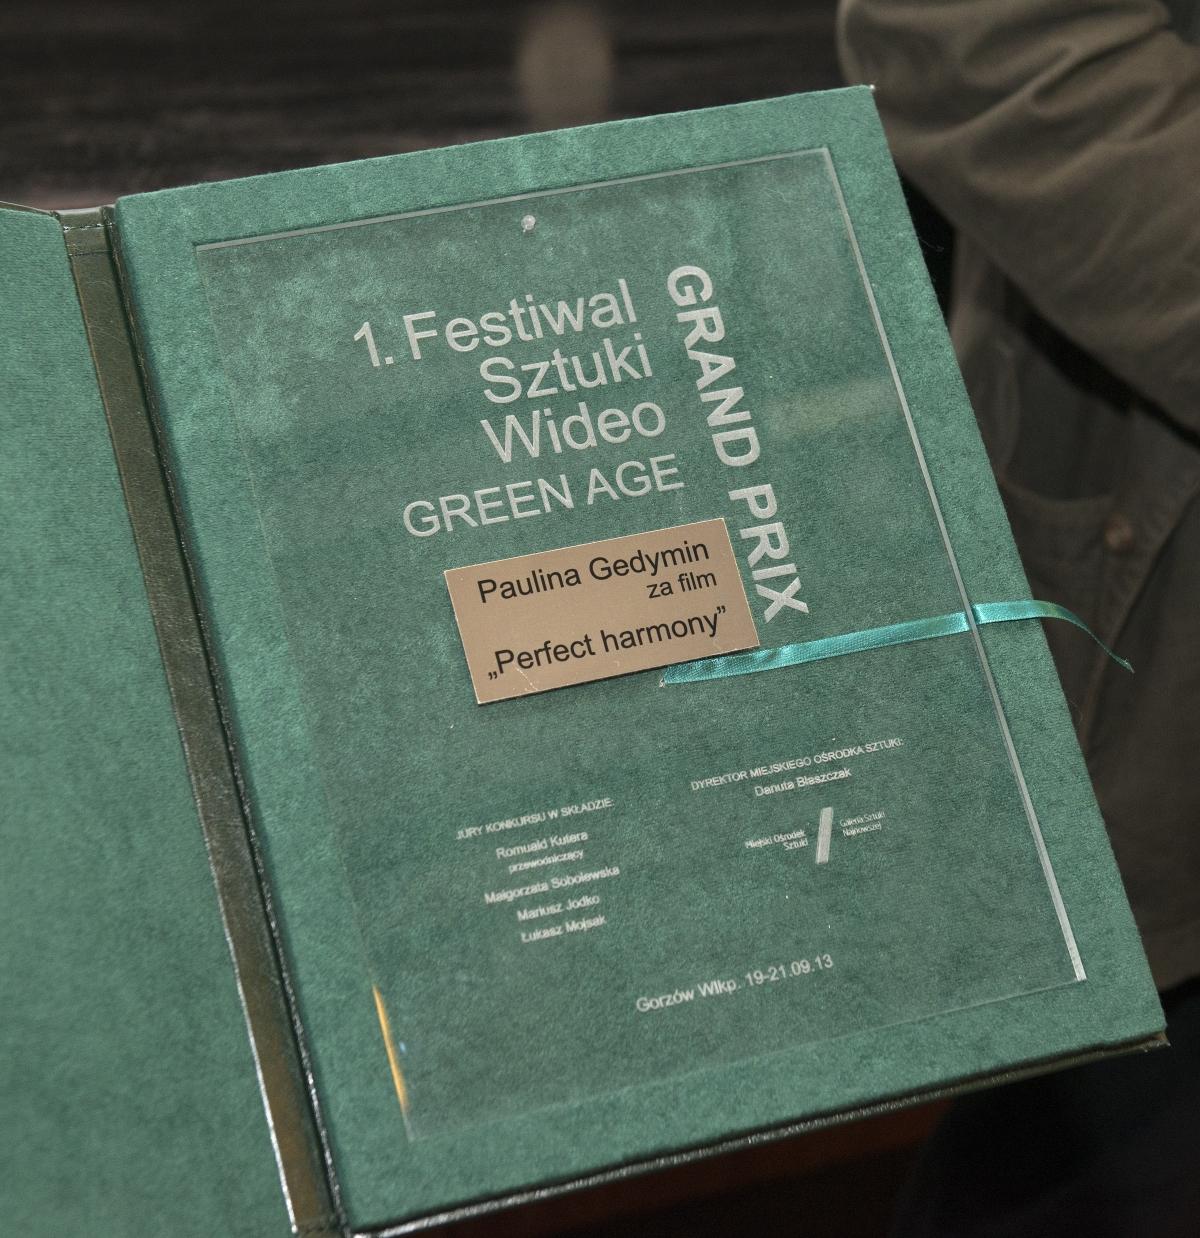 1. Festiwal Sztuki Wideo Green Age, wręczenie nagród, MOS w Gorzowie Wlkp., 21 września 2013 r. (źródło: materiały prasowe organizatora)